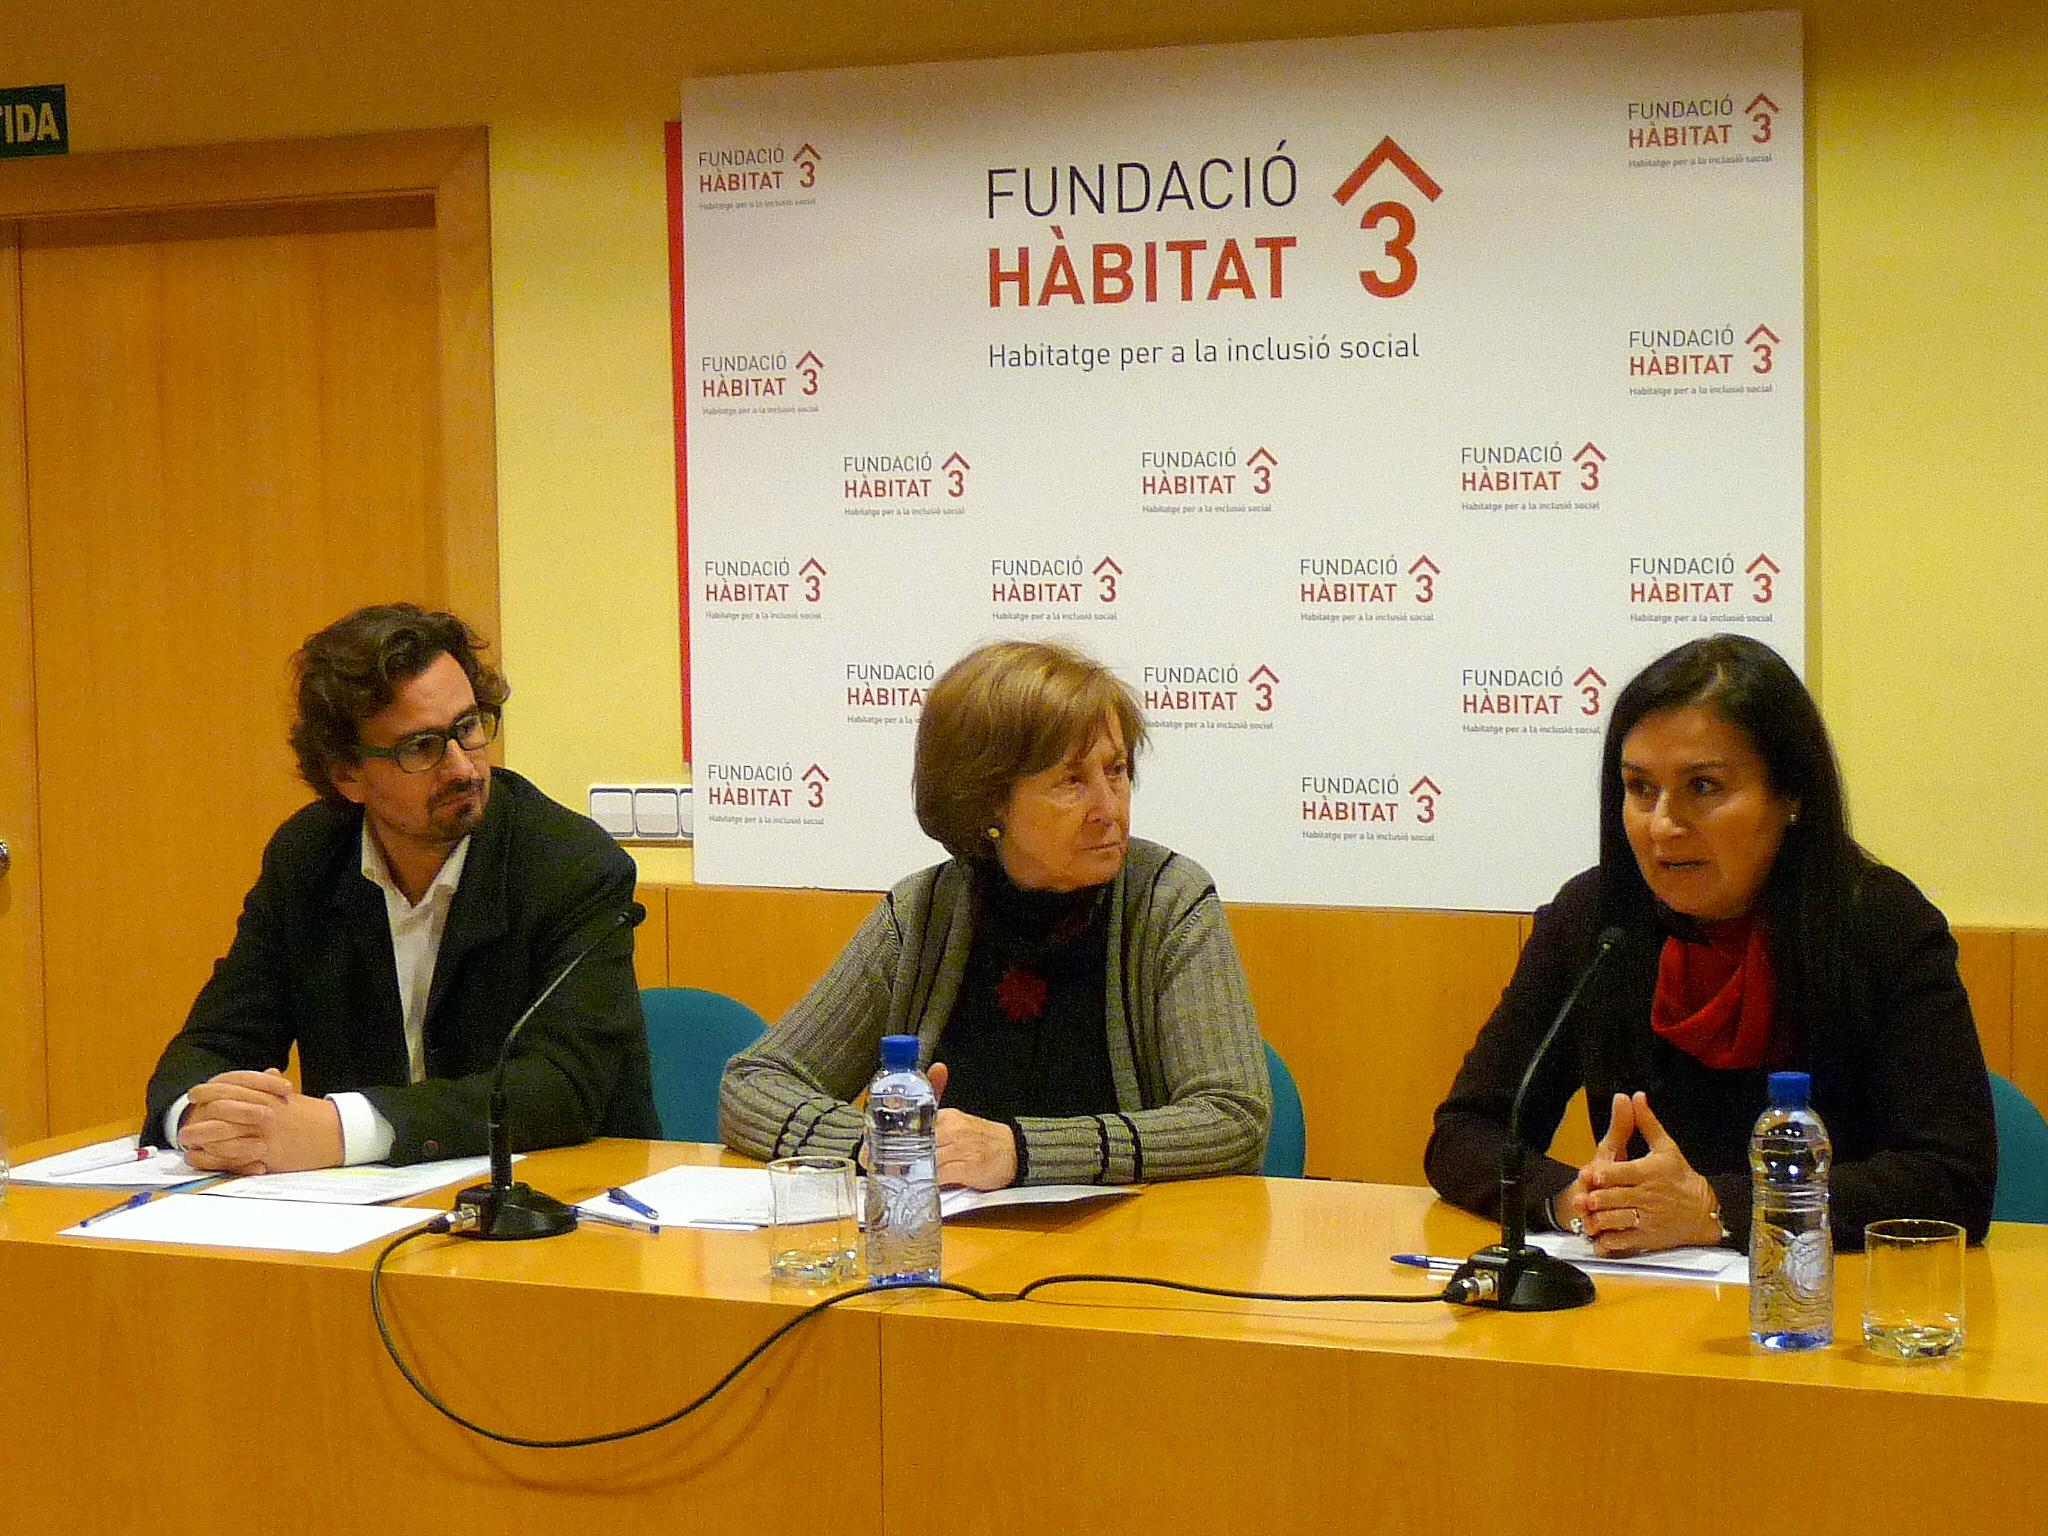 Fundació Habitat 3